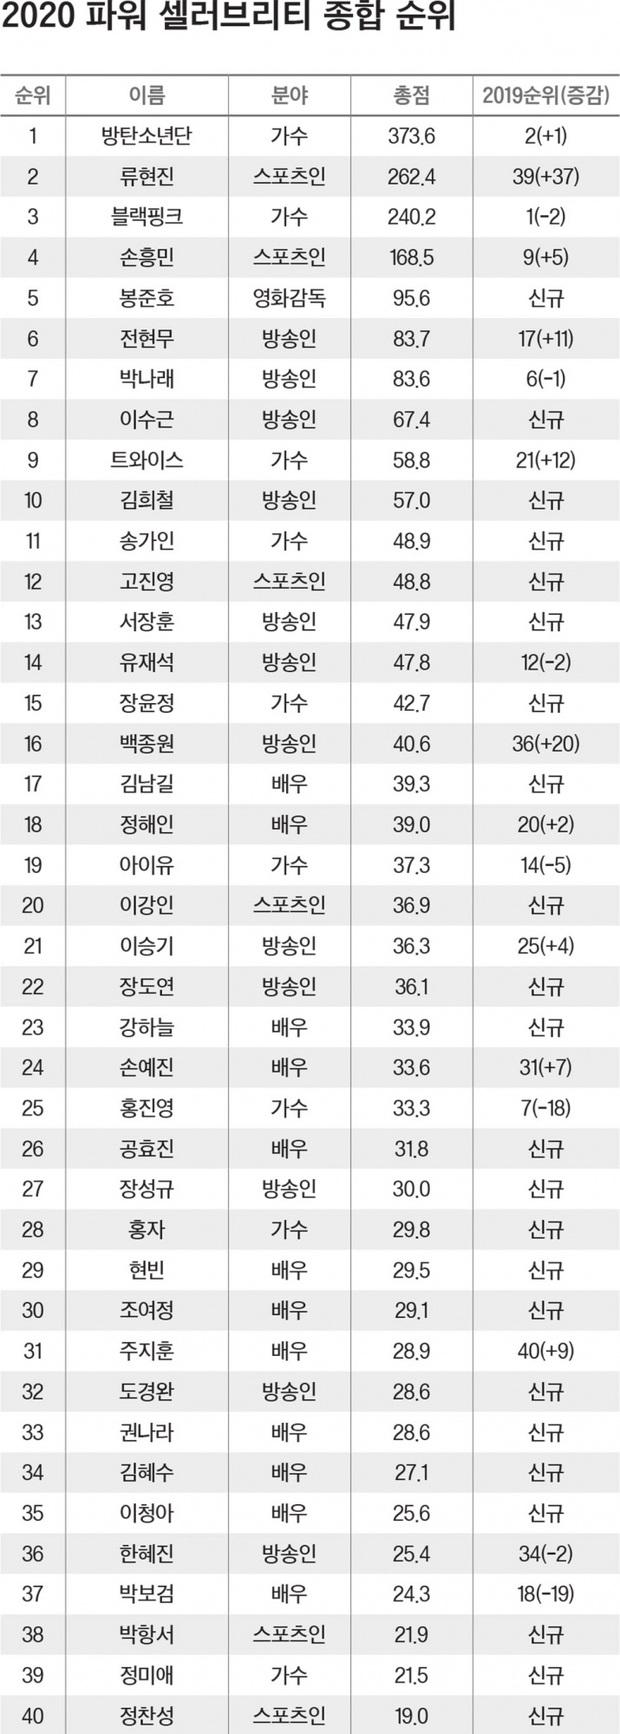 Forbes công bố 40 người nổi tiếng quyền lực nhất Hàn Quốc 2020: BTS - BLACKPINK đổi ngôi, diễn viên, MC lấn át idol với thứ hạng gây sốc - Ảnh 19.